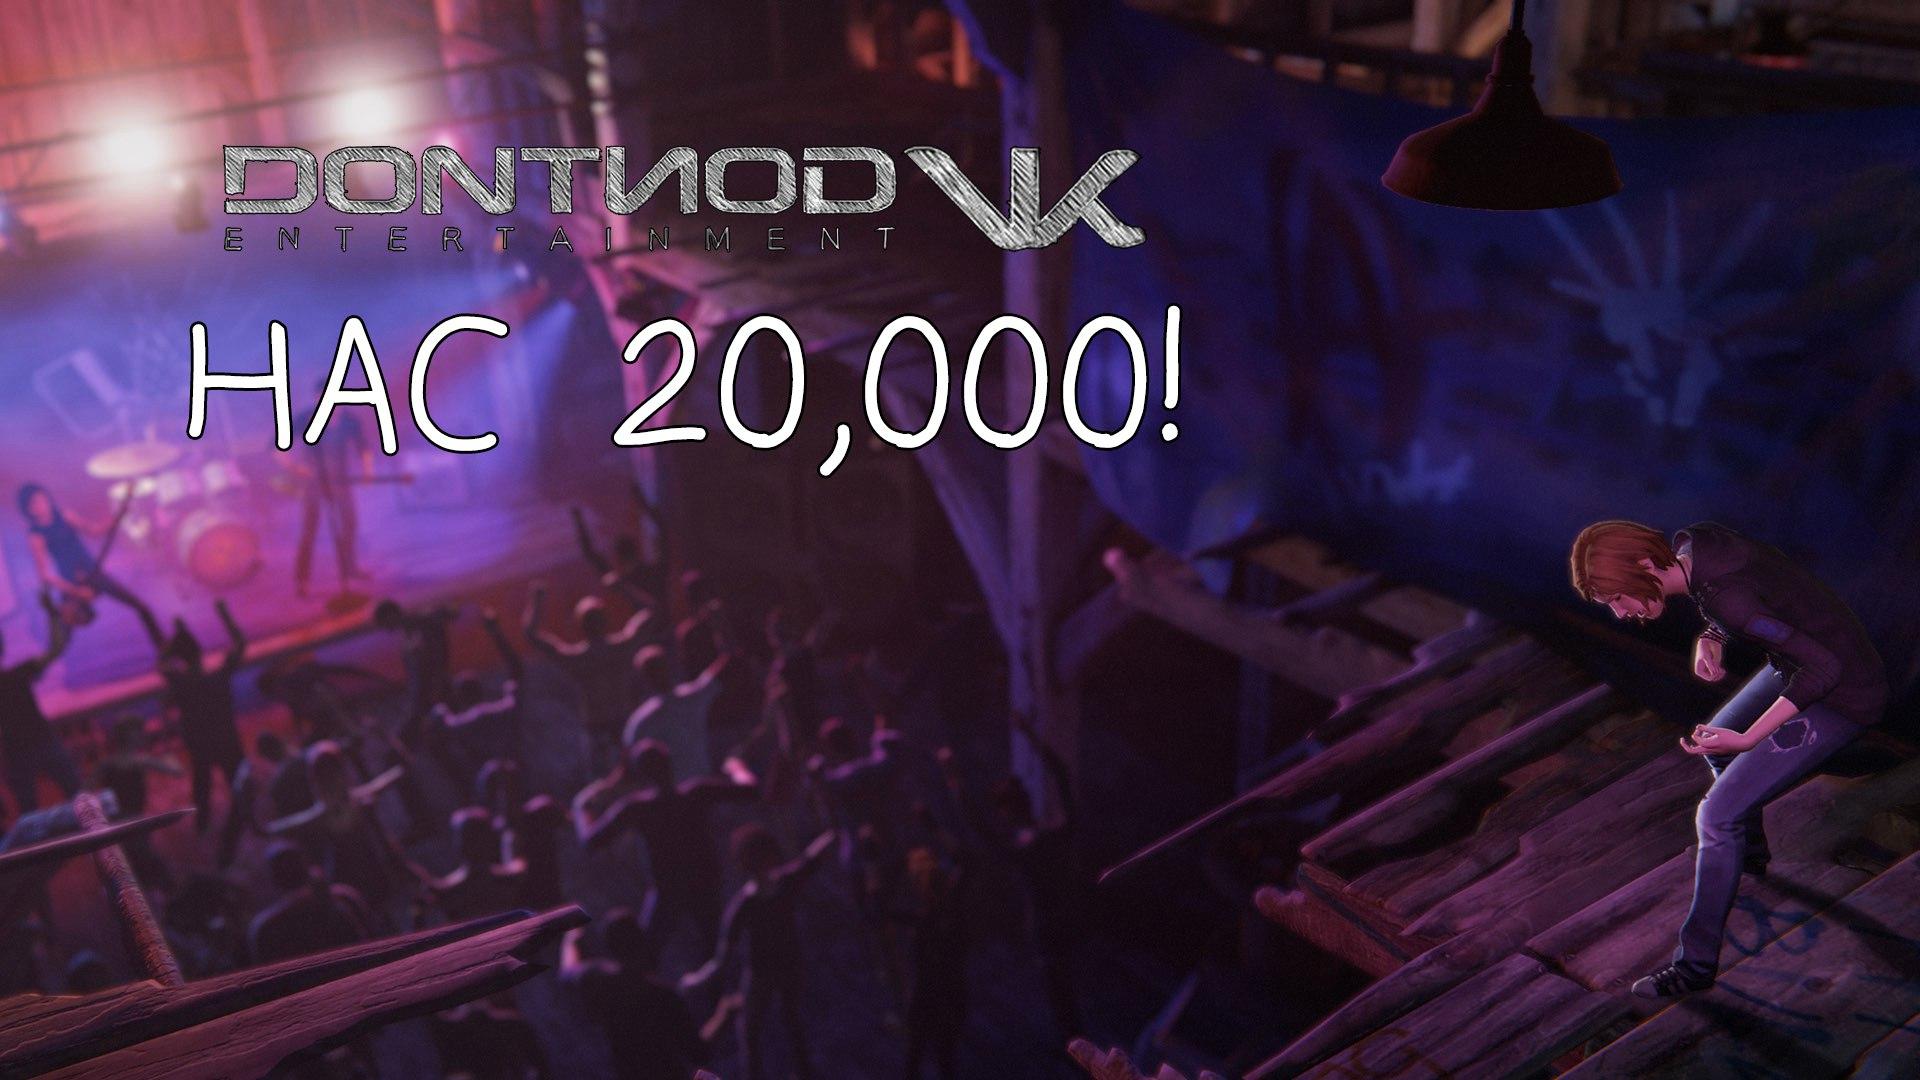 В группу Dontnod Entertaiment вступило 20,000 участников!